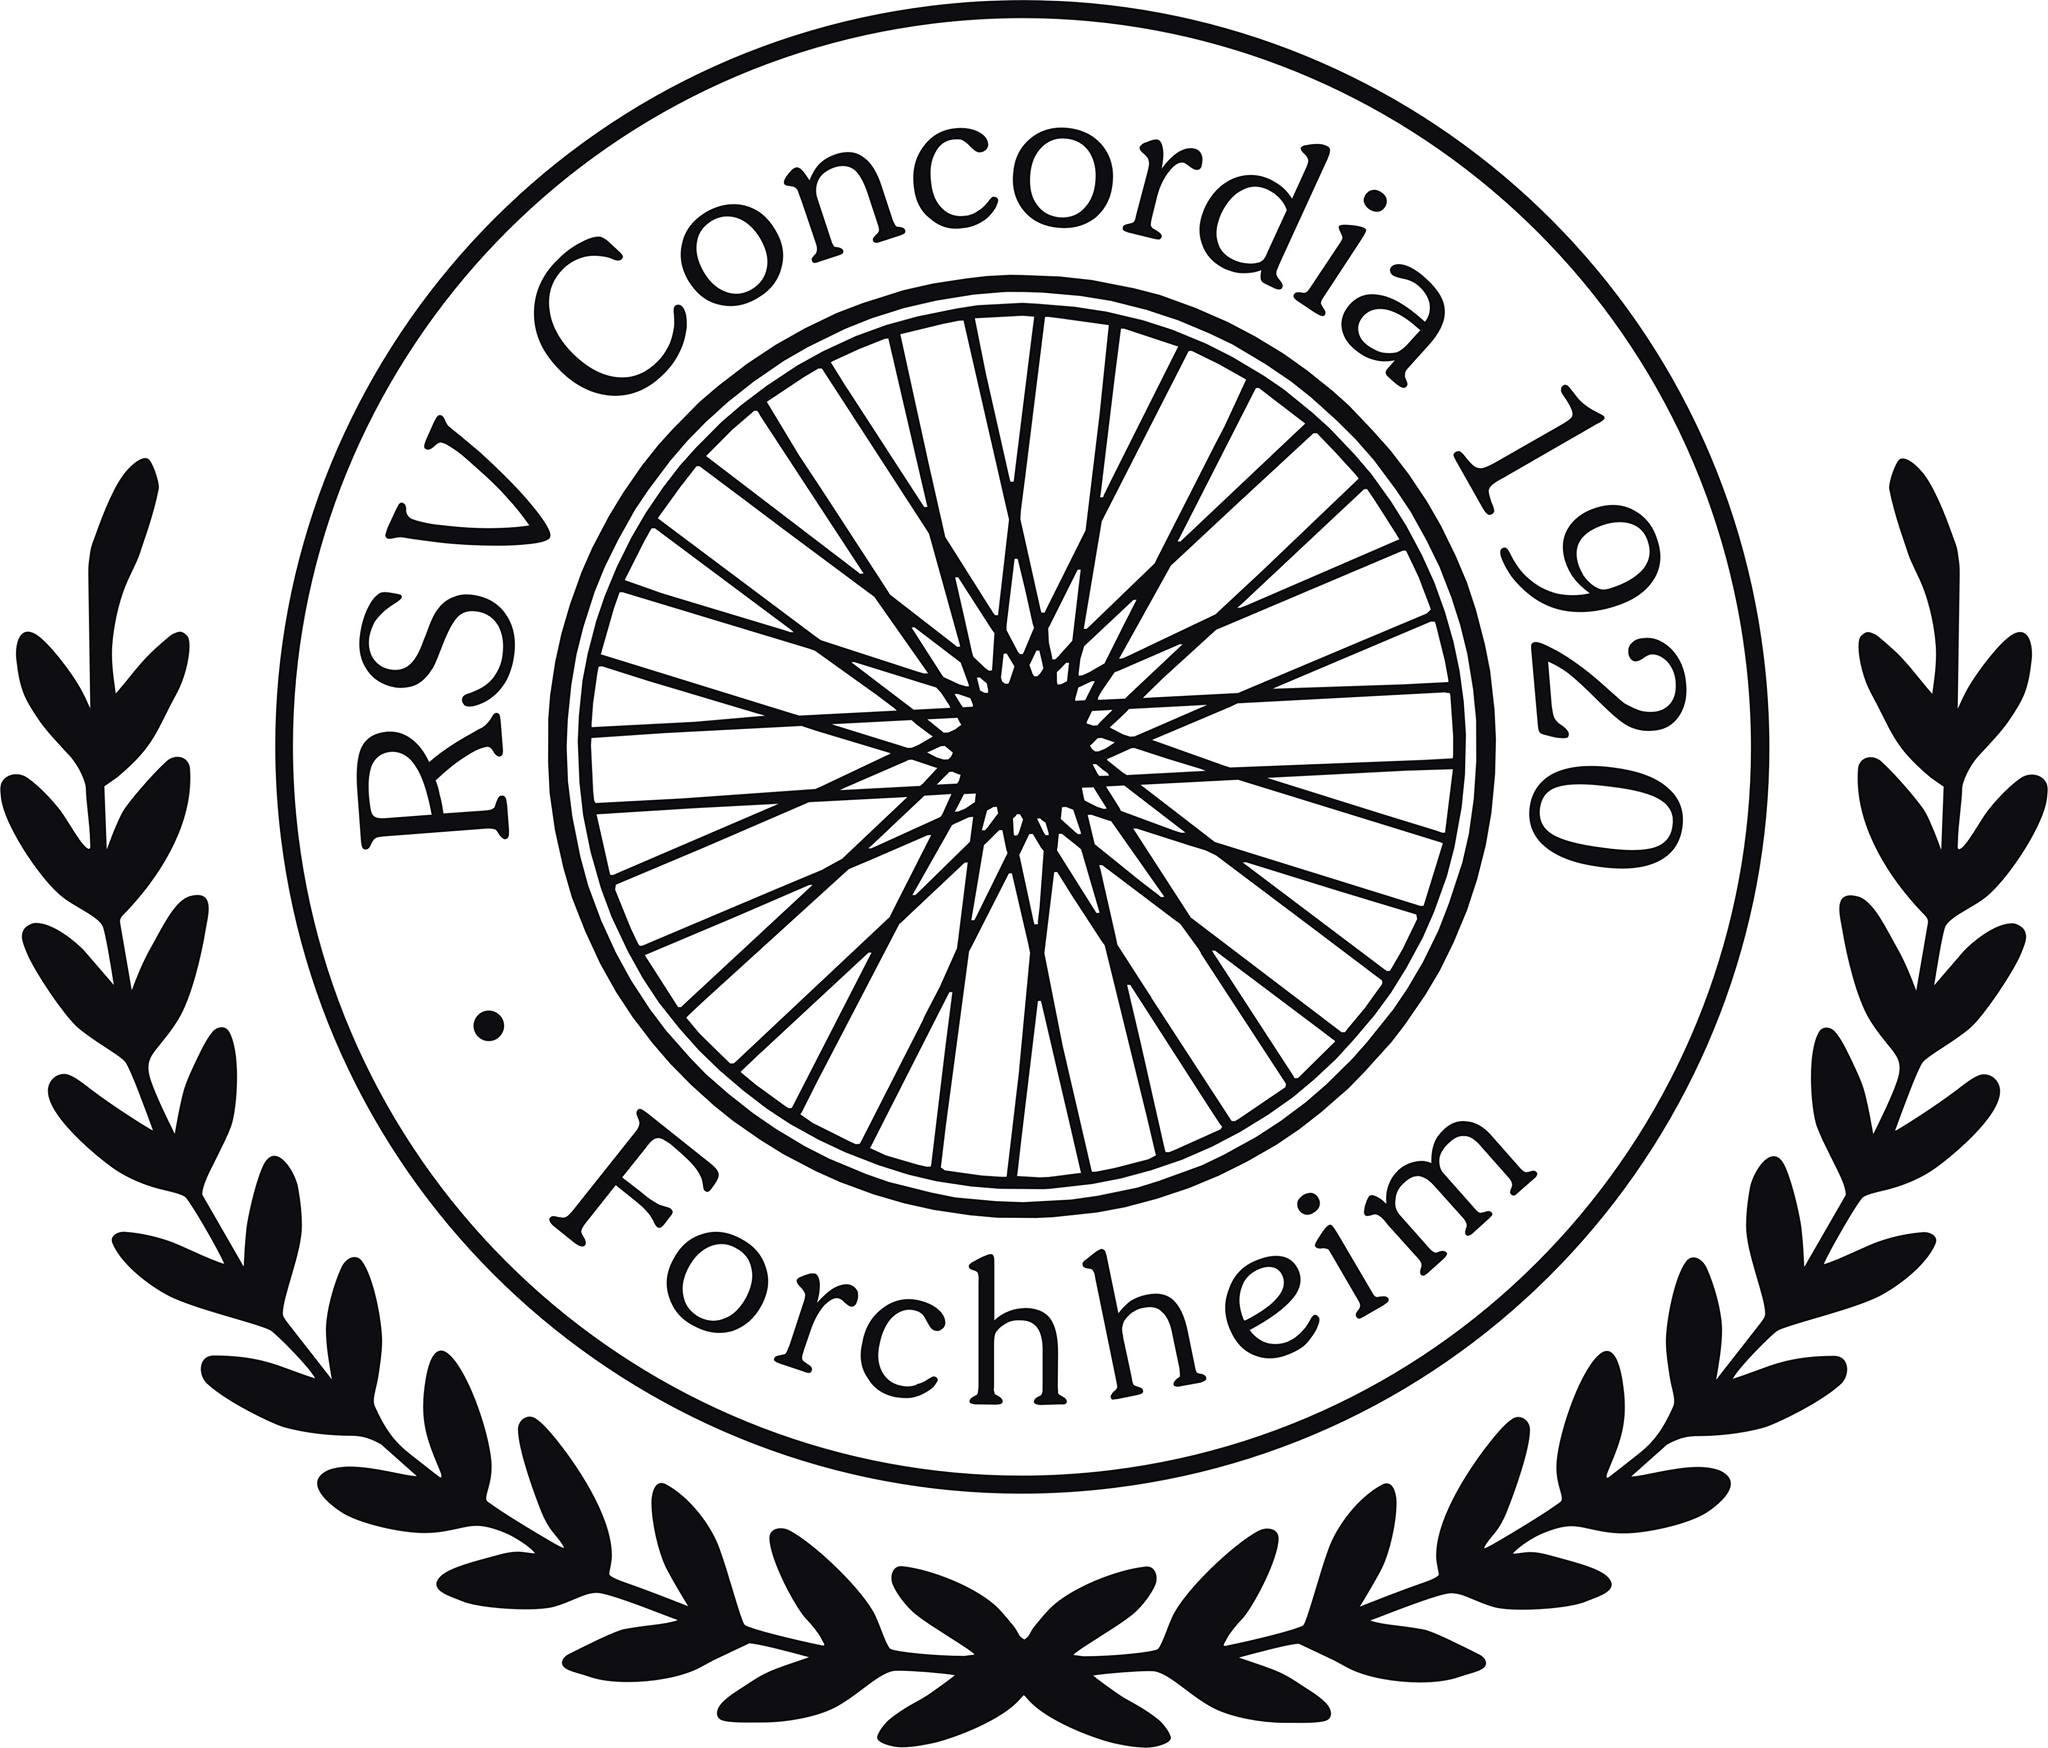 RSV Concordia 1920 Forchheim e.V.